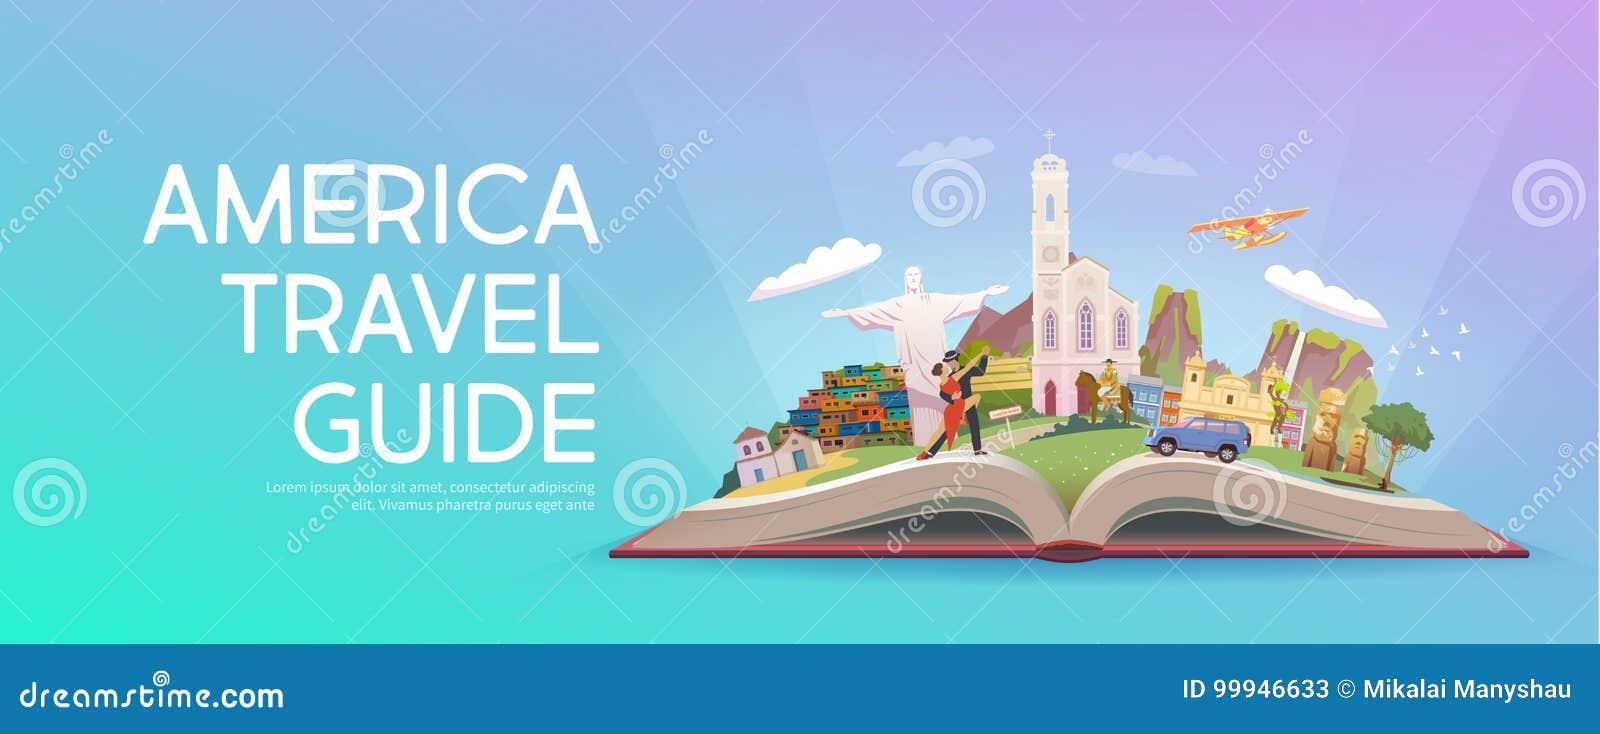 旅行向南美